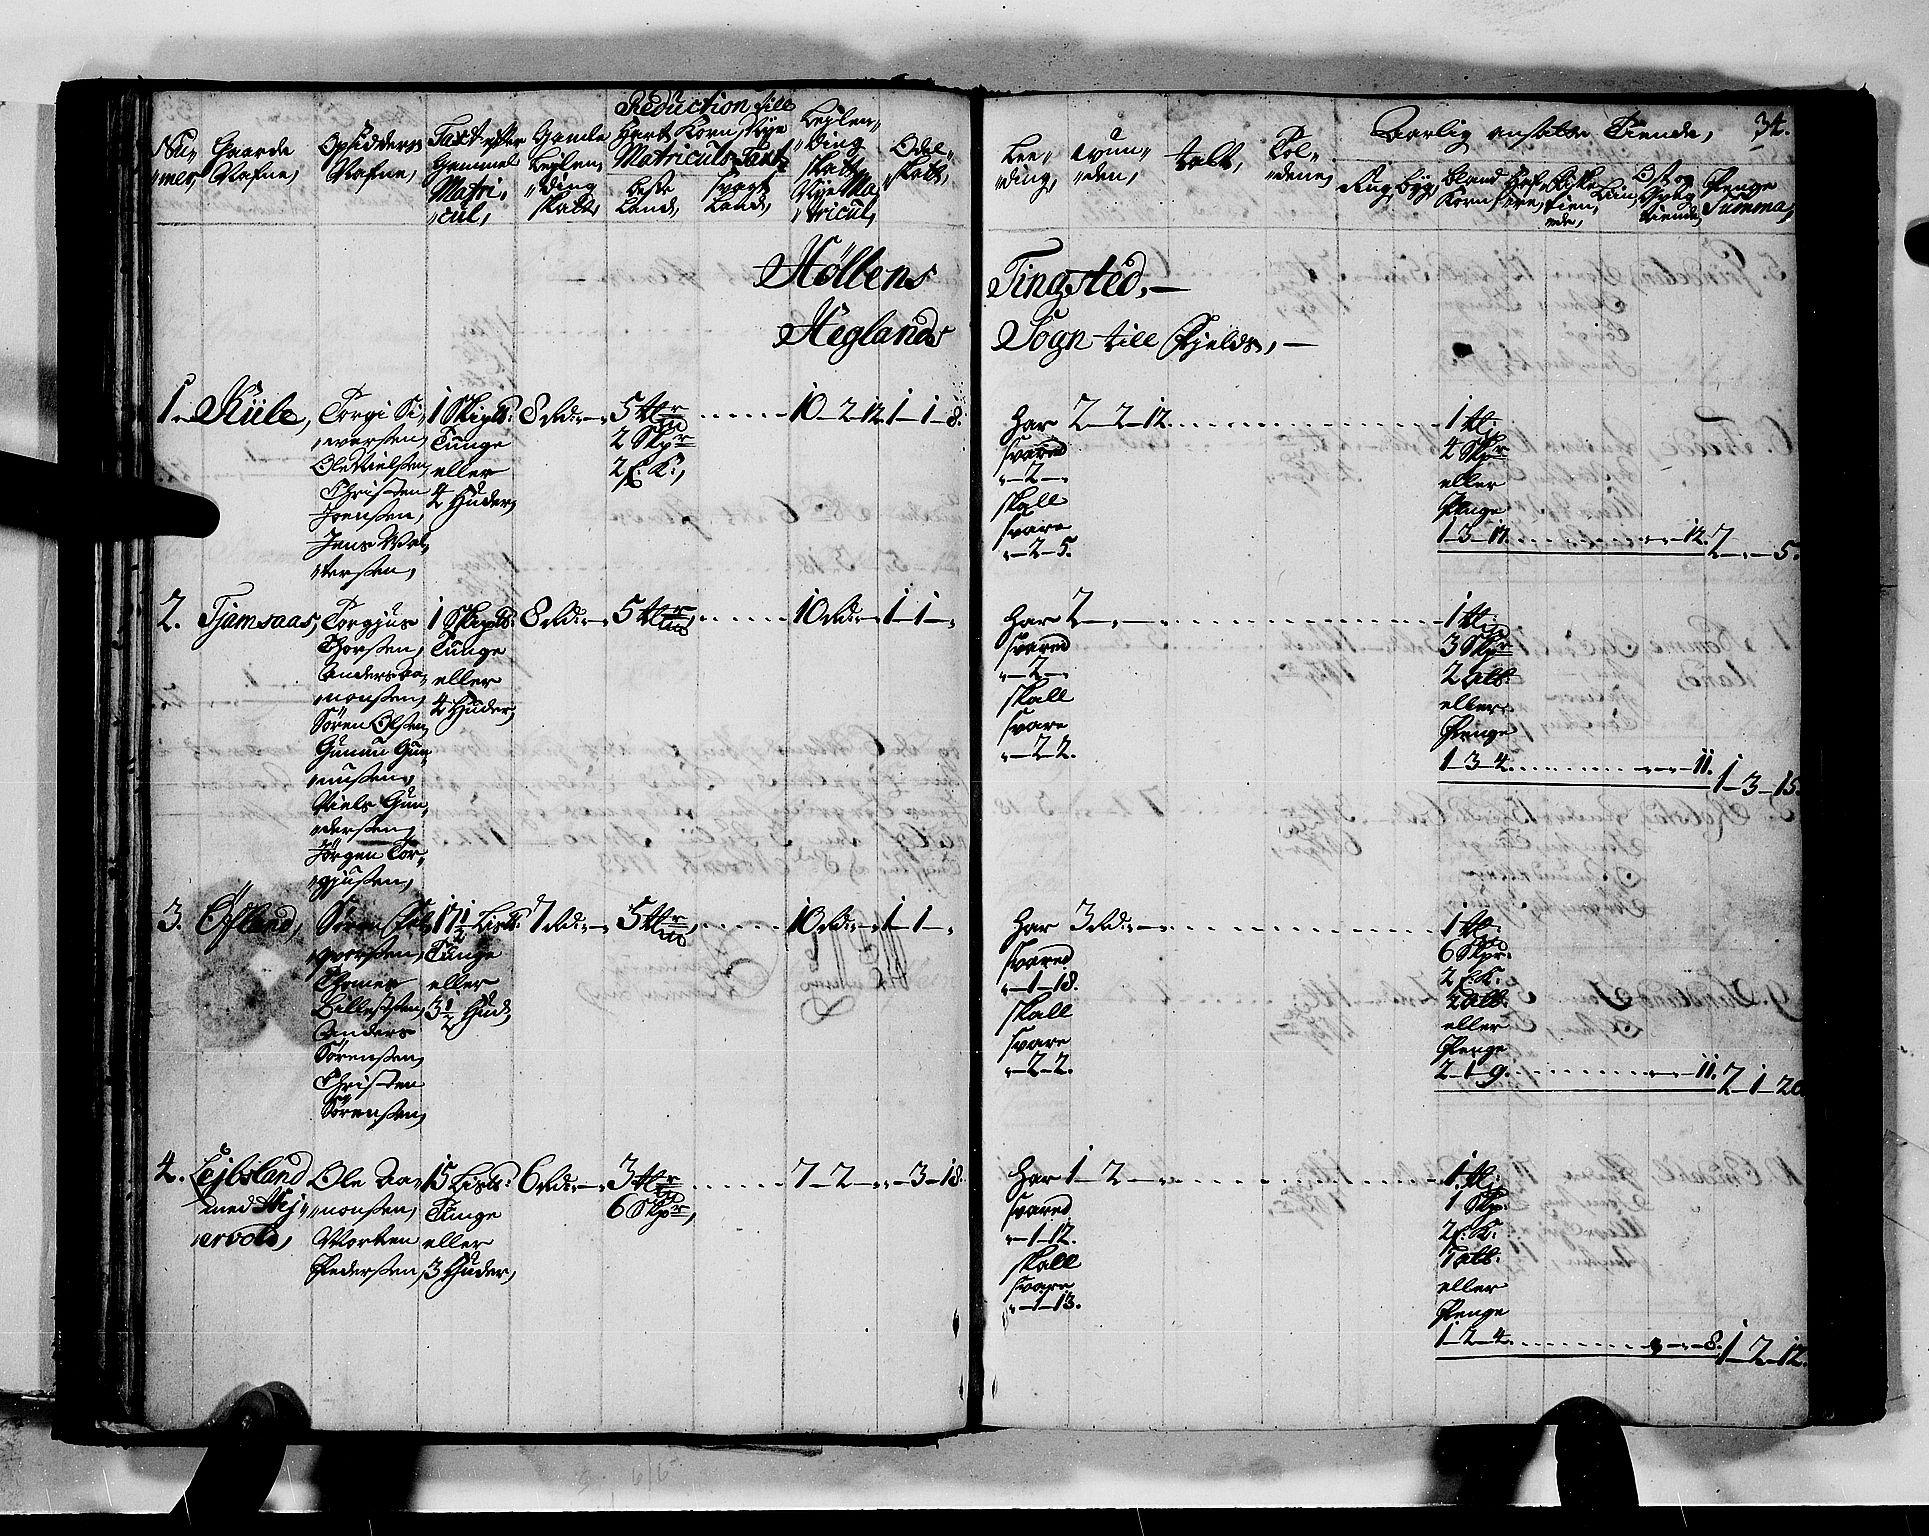 RA, Rentekammeret inntil 1814, Realistisk ordnet avdeling, N/Nb/Nbf/L0128: Mandal matrikkelprotokoll, 1723, s. 33b-34a